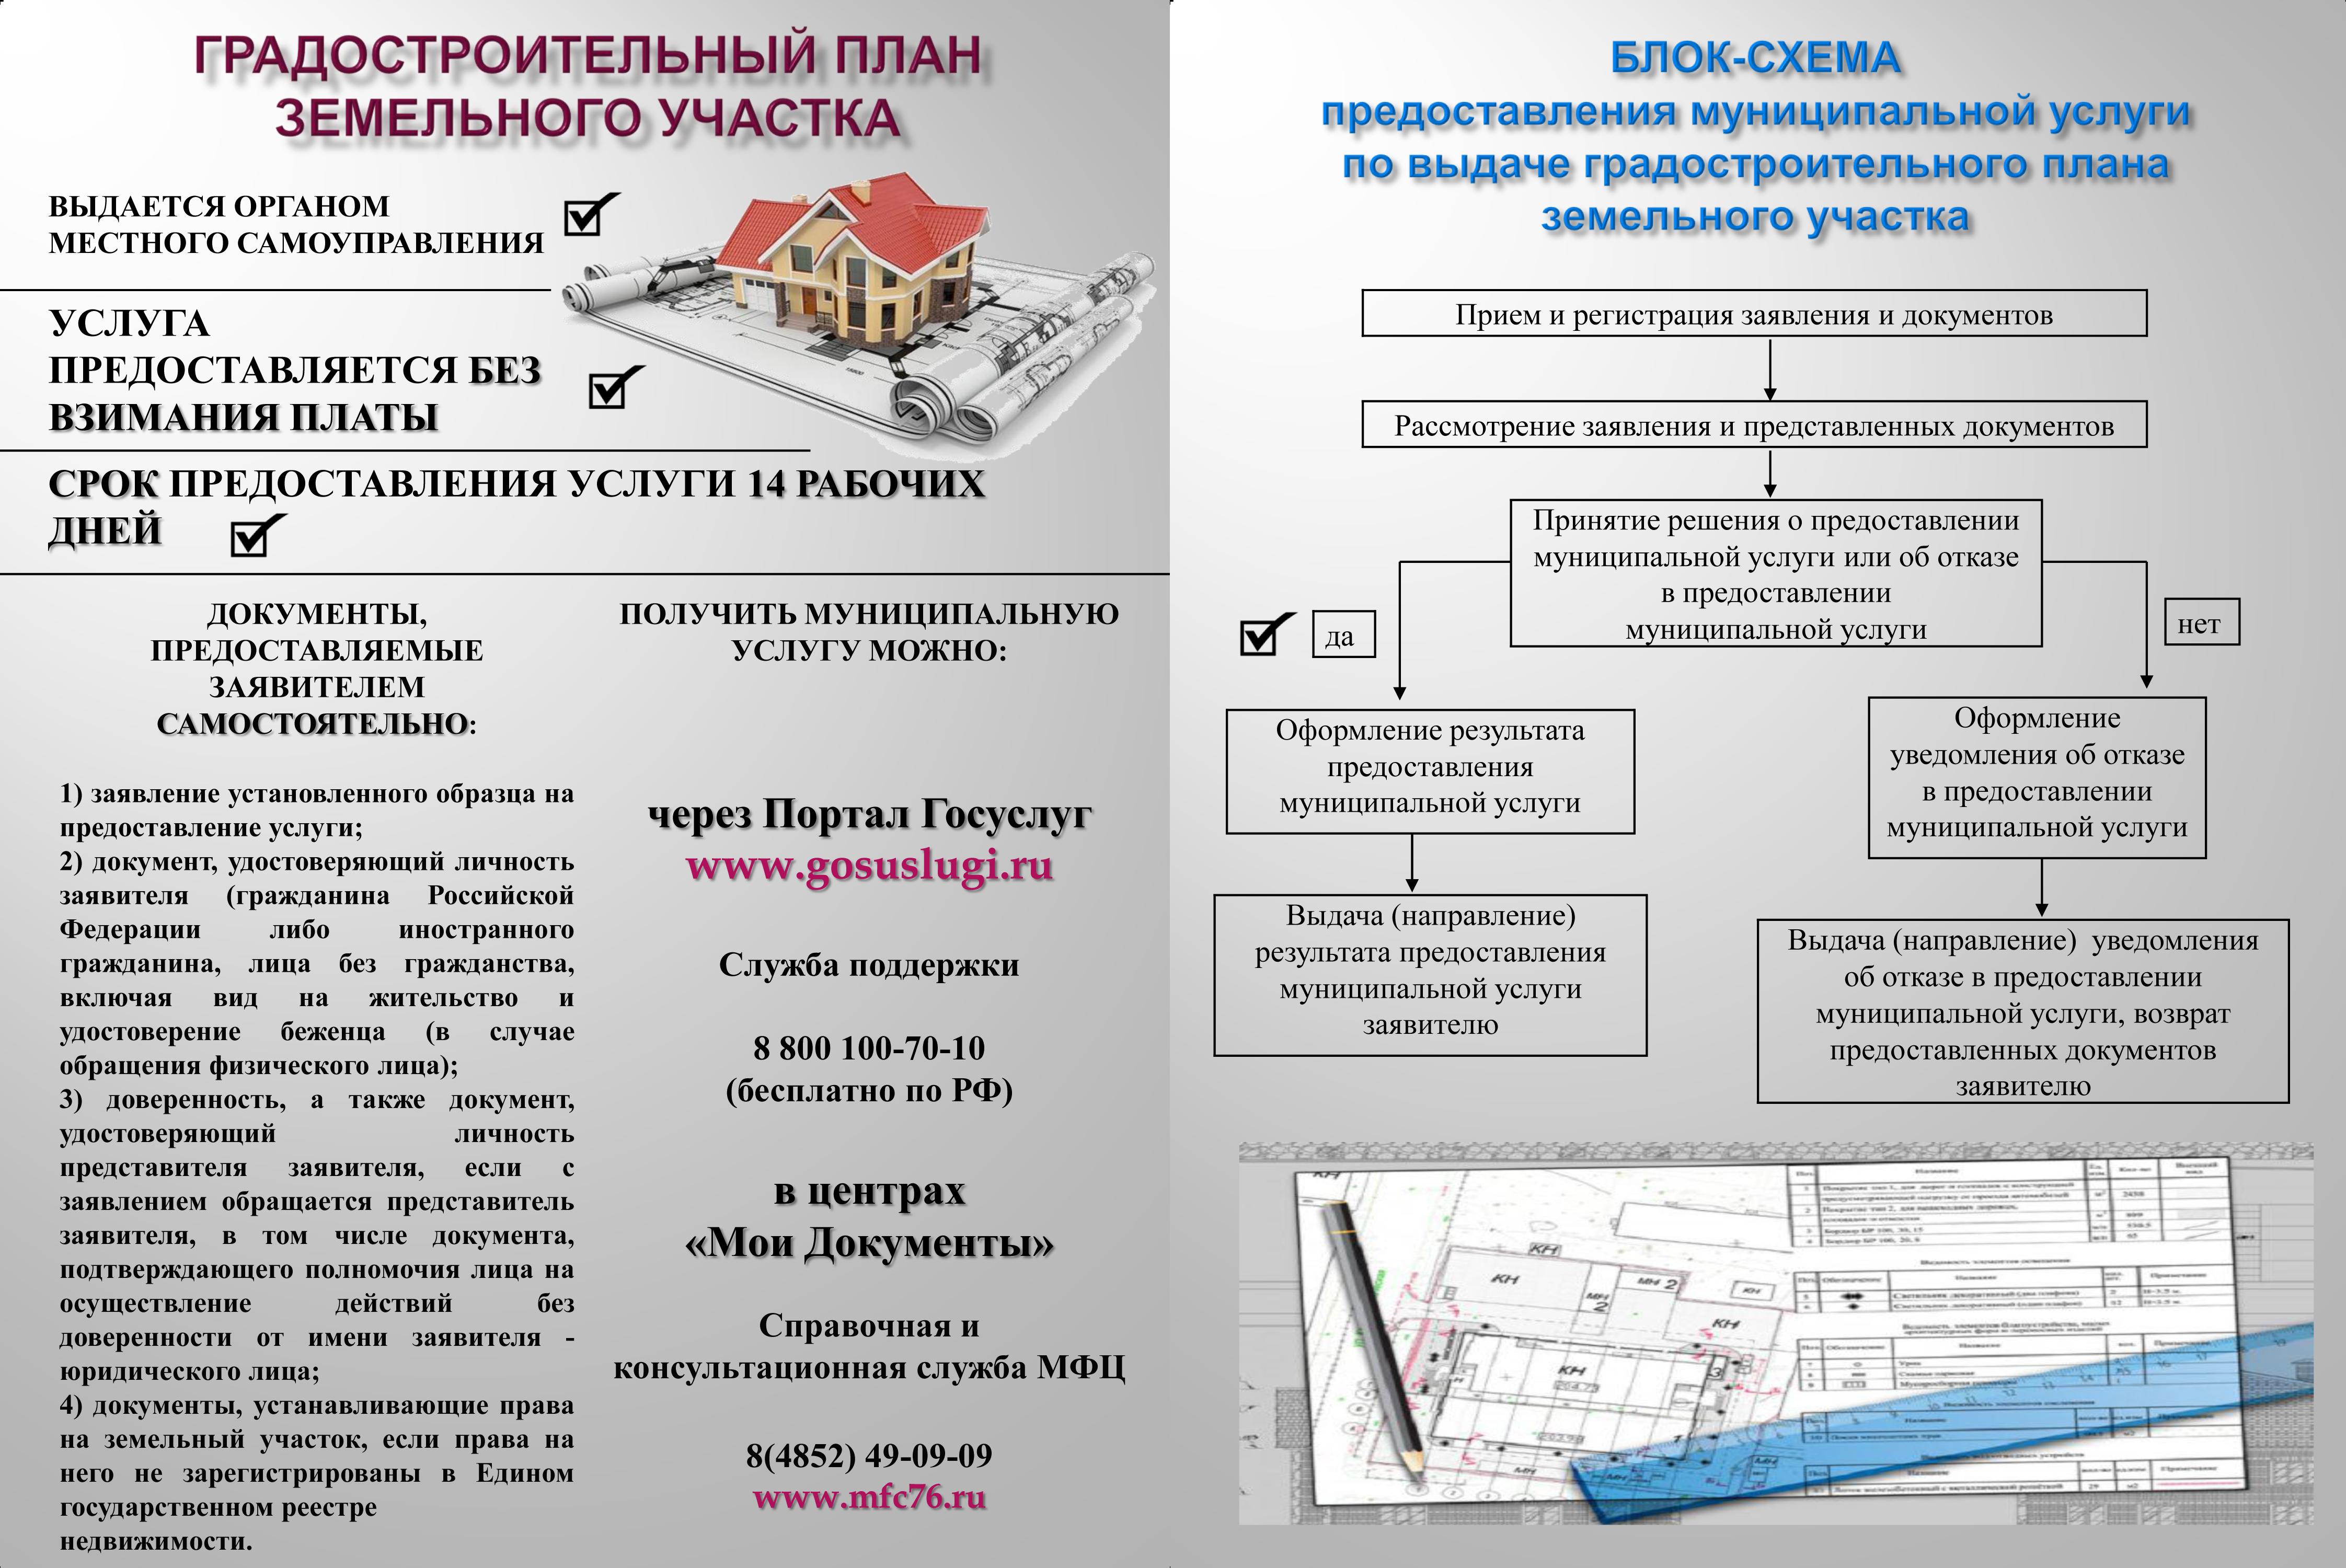 Градостроительный план земельного участка: где получить и кто его выдает, как взять в мфц или через госуслуги, что это такое, и образец, форма, срок действия